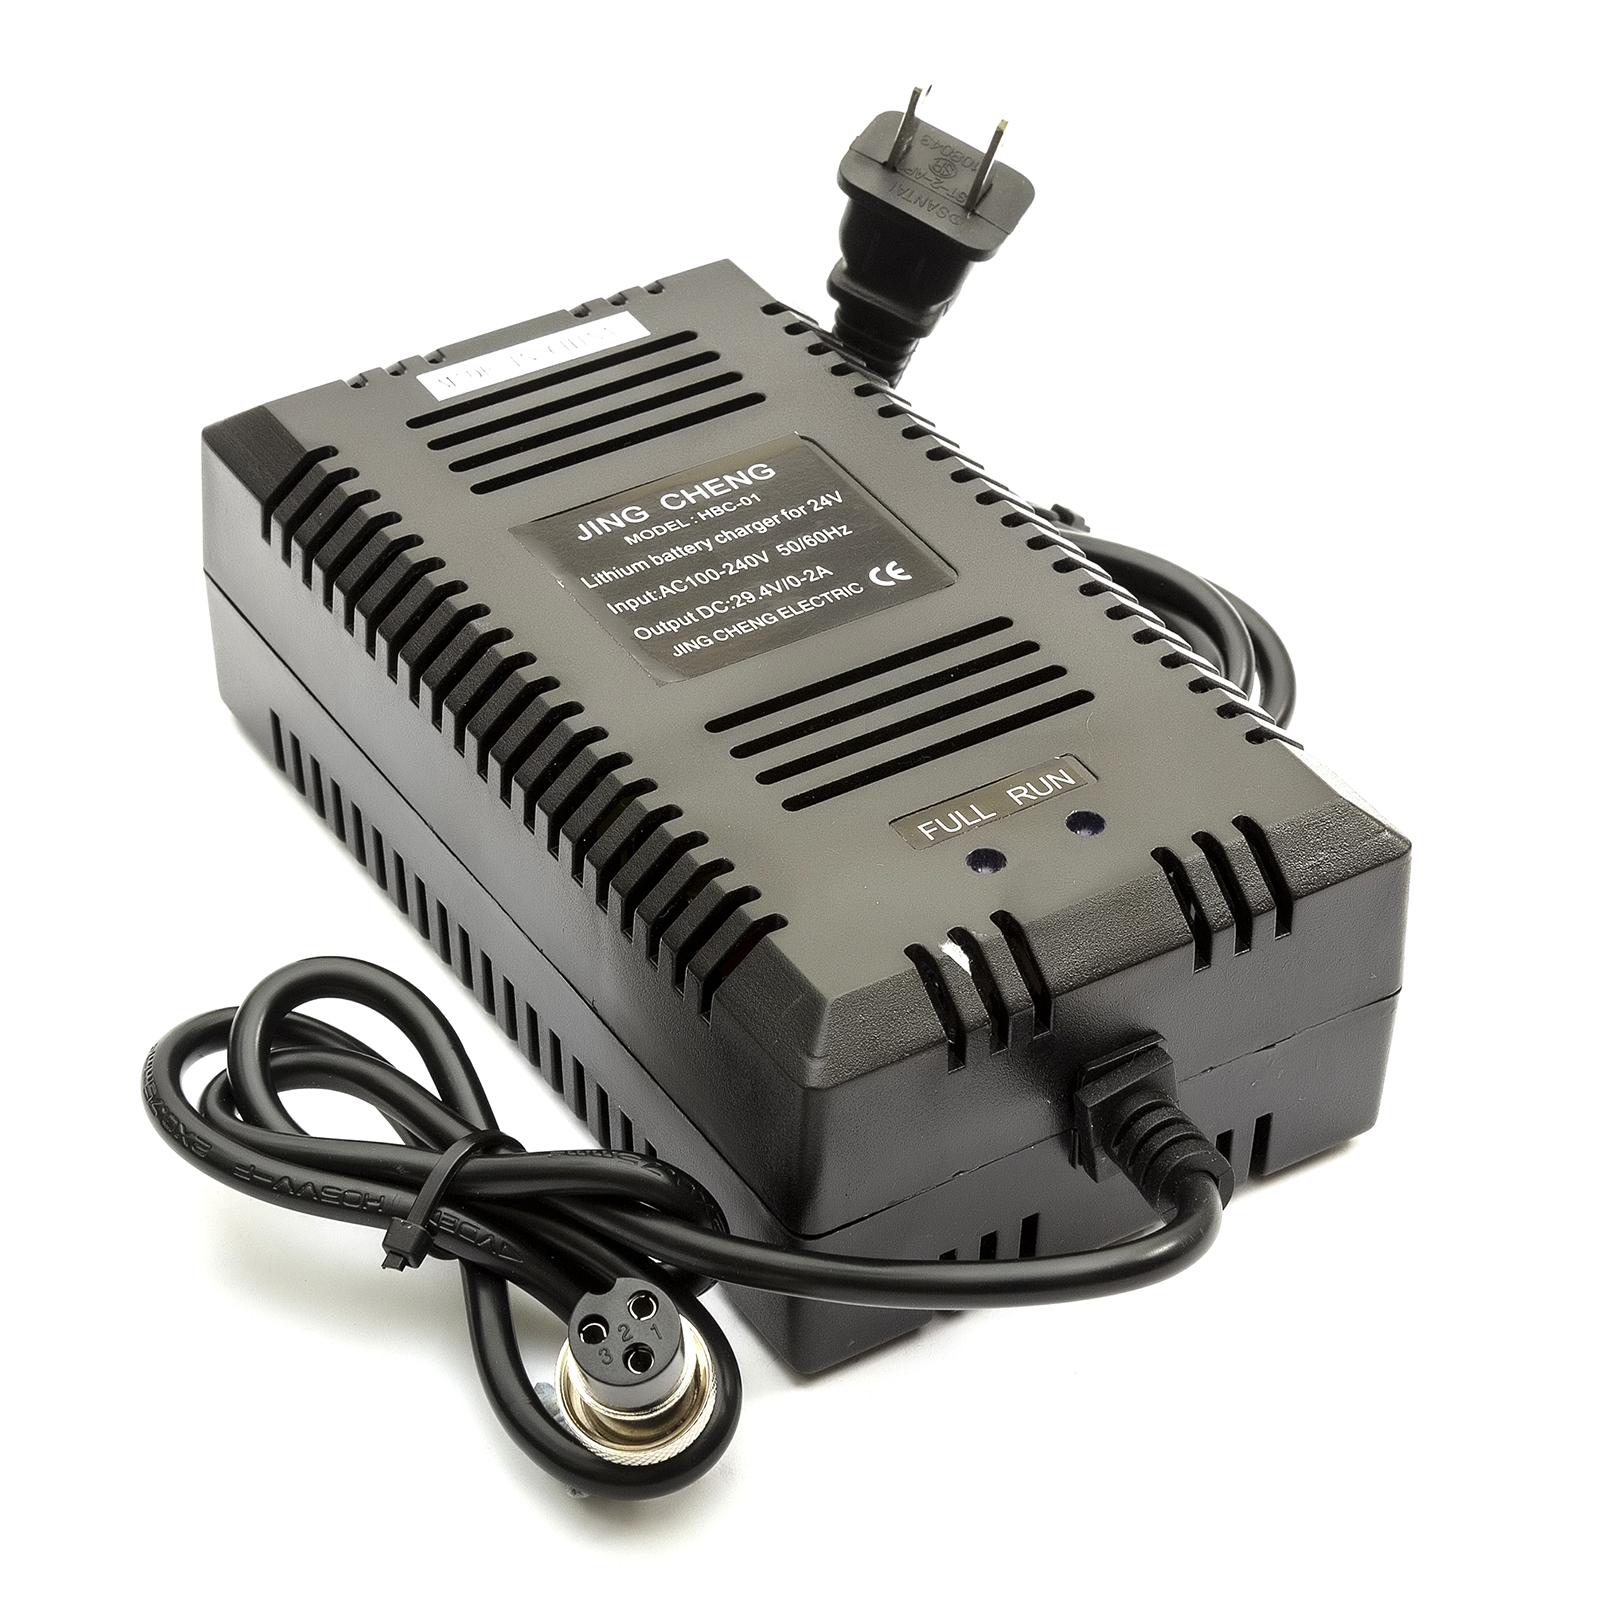 24v UE Caricabatteria scooter elettrico RAZOR E90 E100 E125 E150 E200 E300 E500